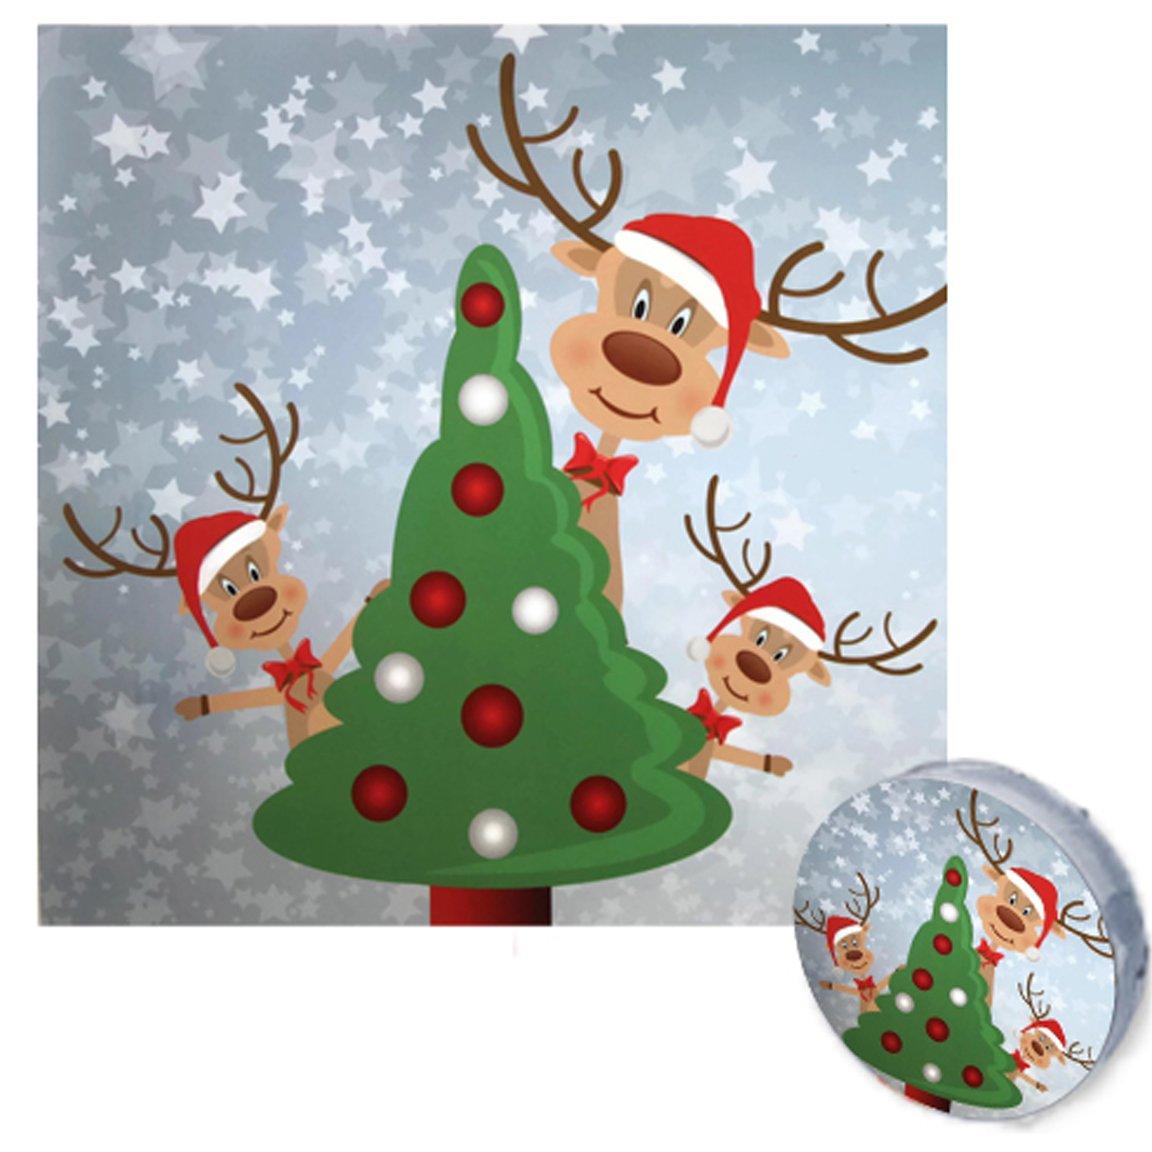 Bada Bing mágico Toalla 30 x 30 Reno Rudolph 3 modelos surtidos Navidad calendario de Adviento regalo regalo: Amazon.es: Hogar